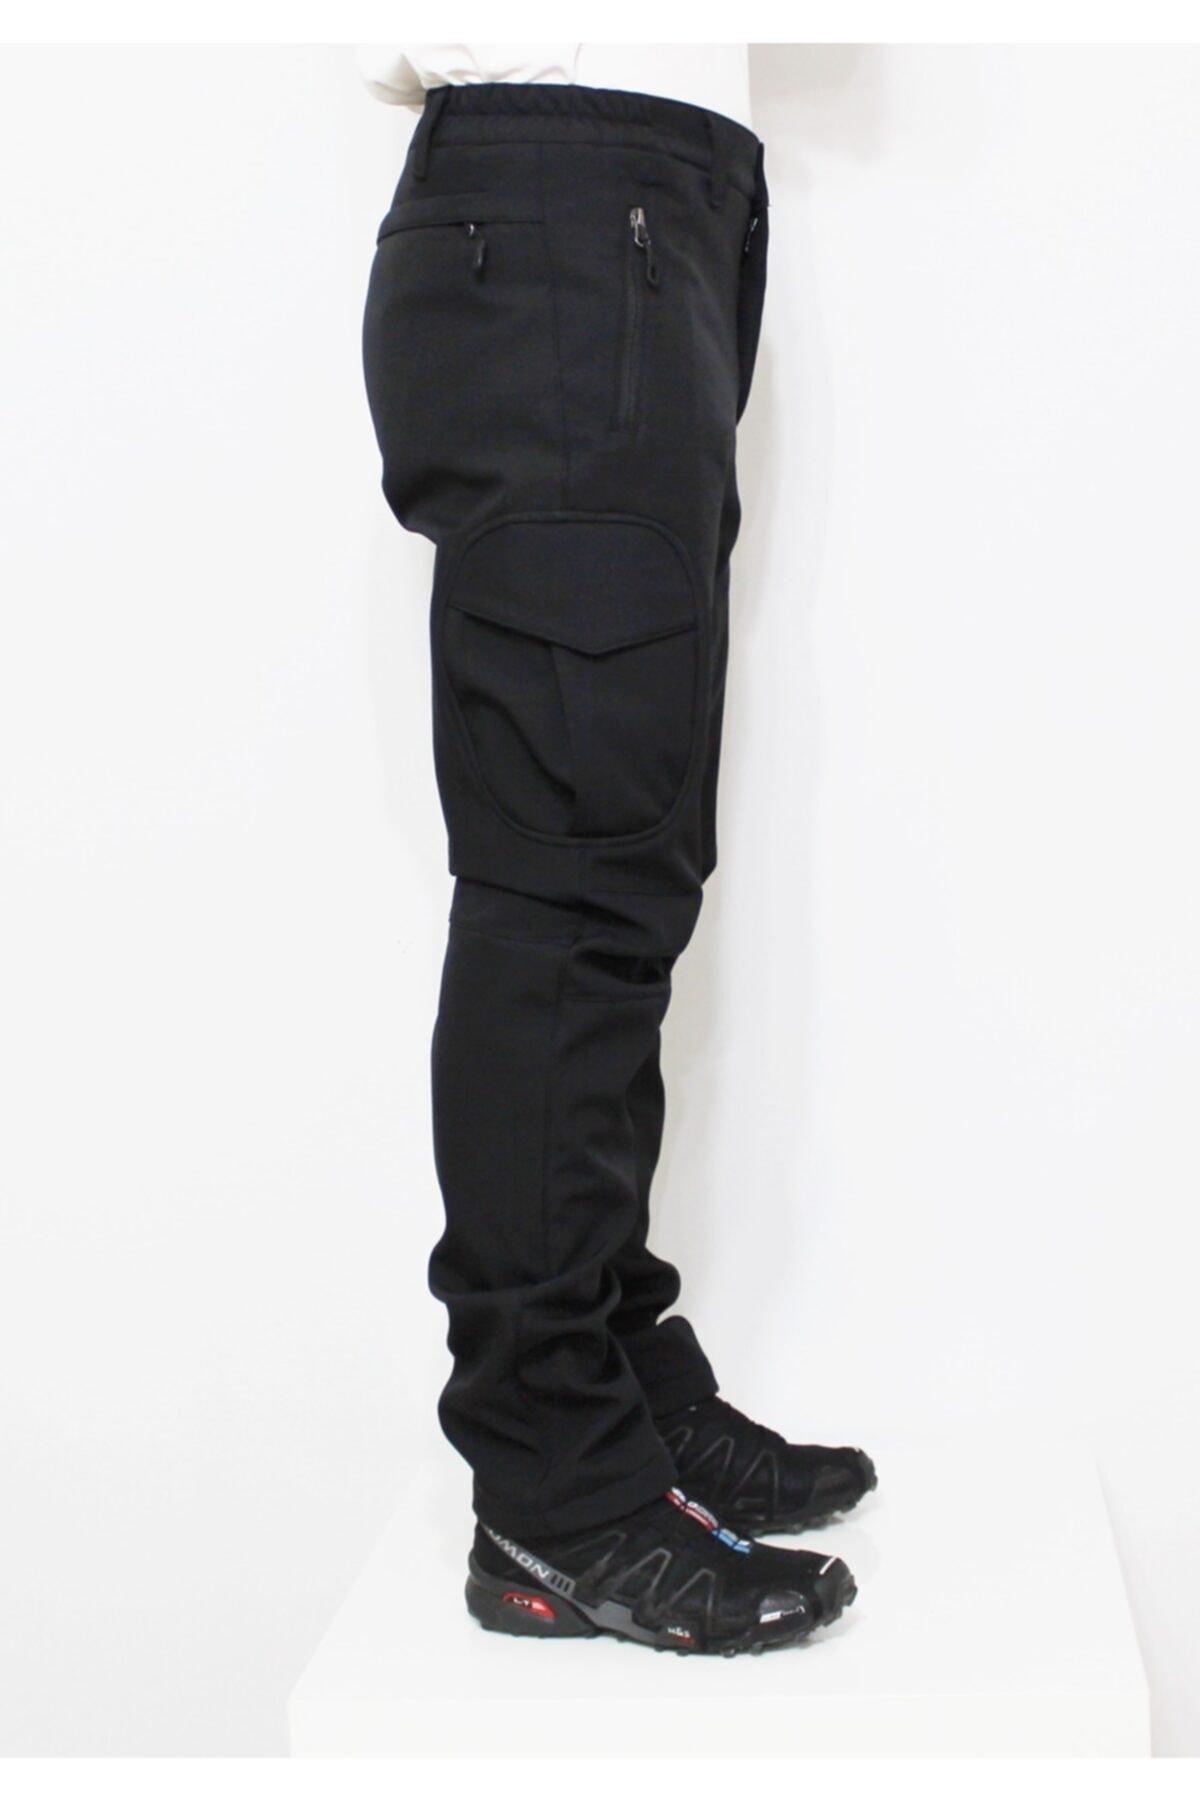 Mudwill Softshell Erkek Pantolon Siyah 300201 2